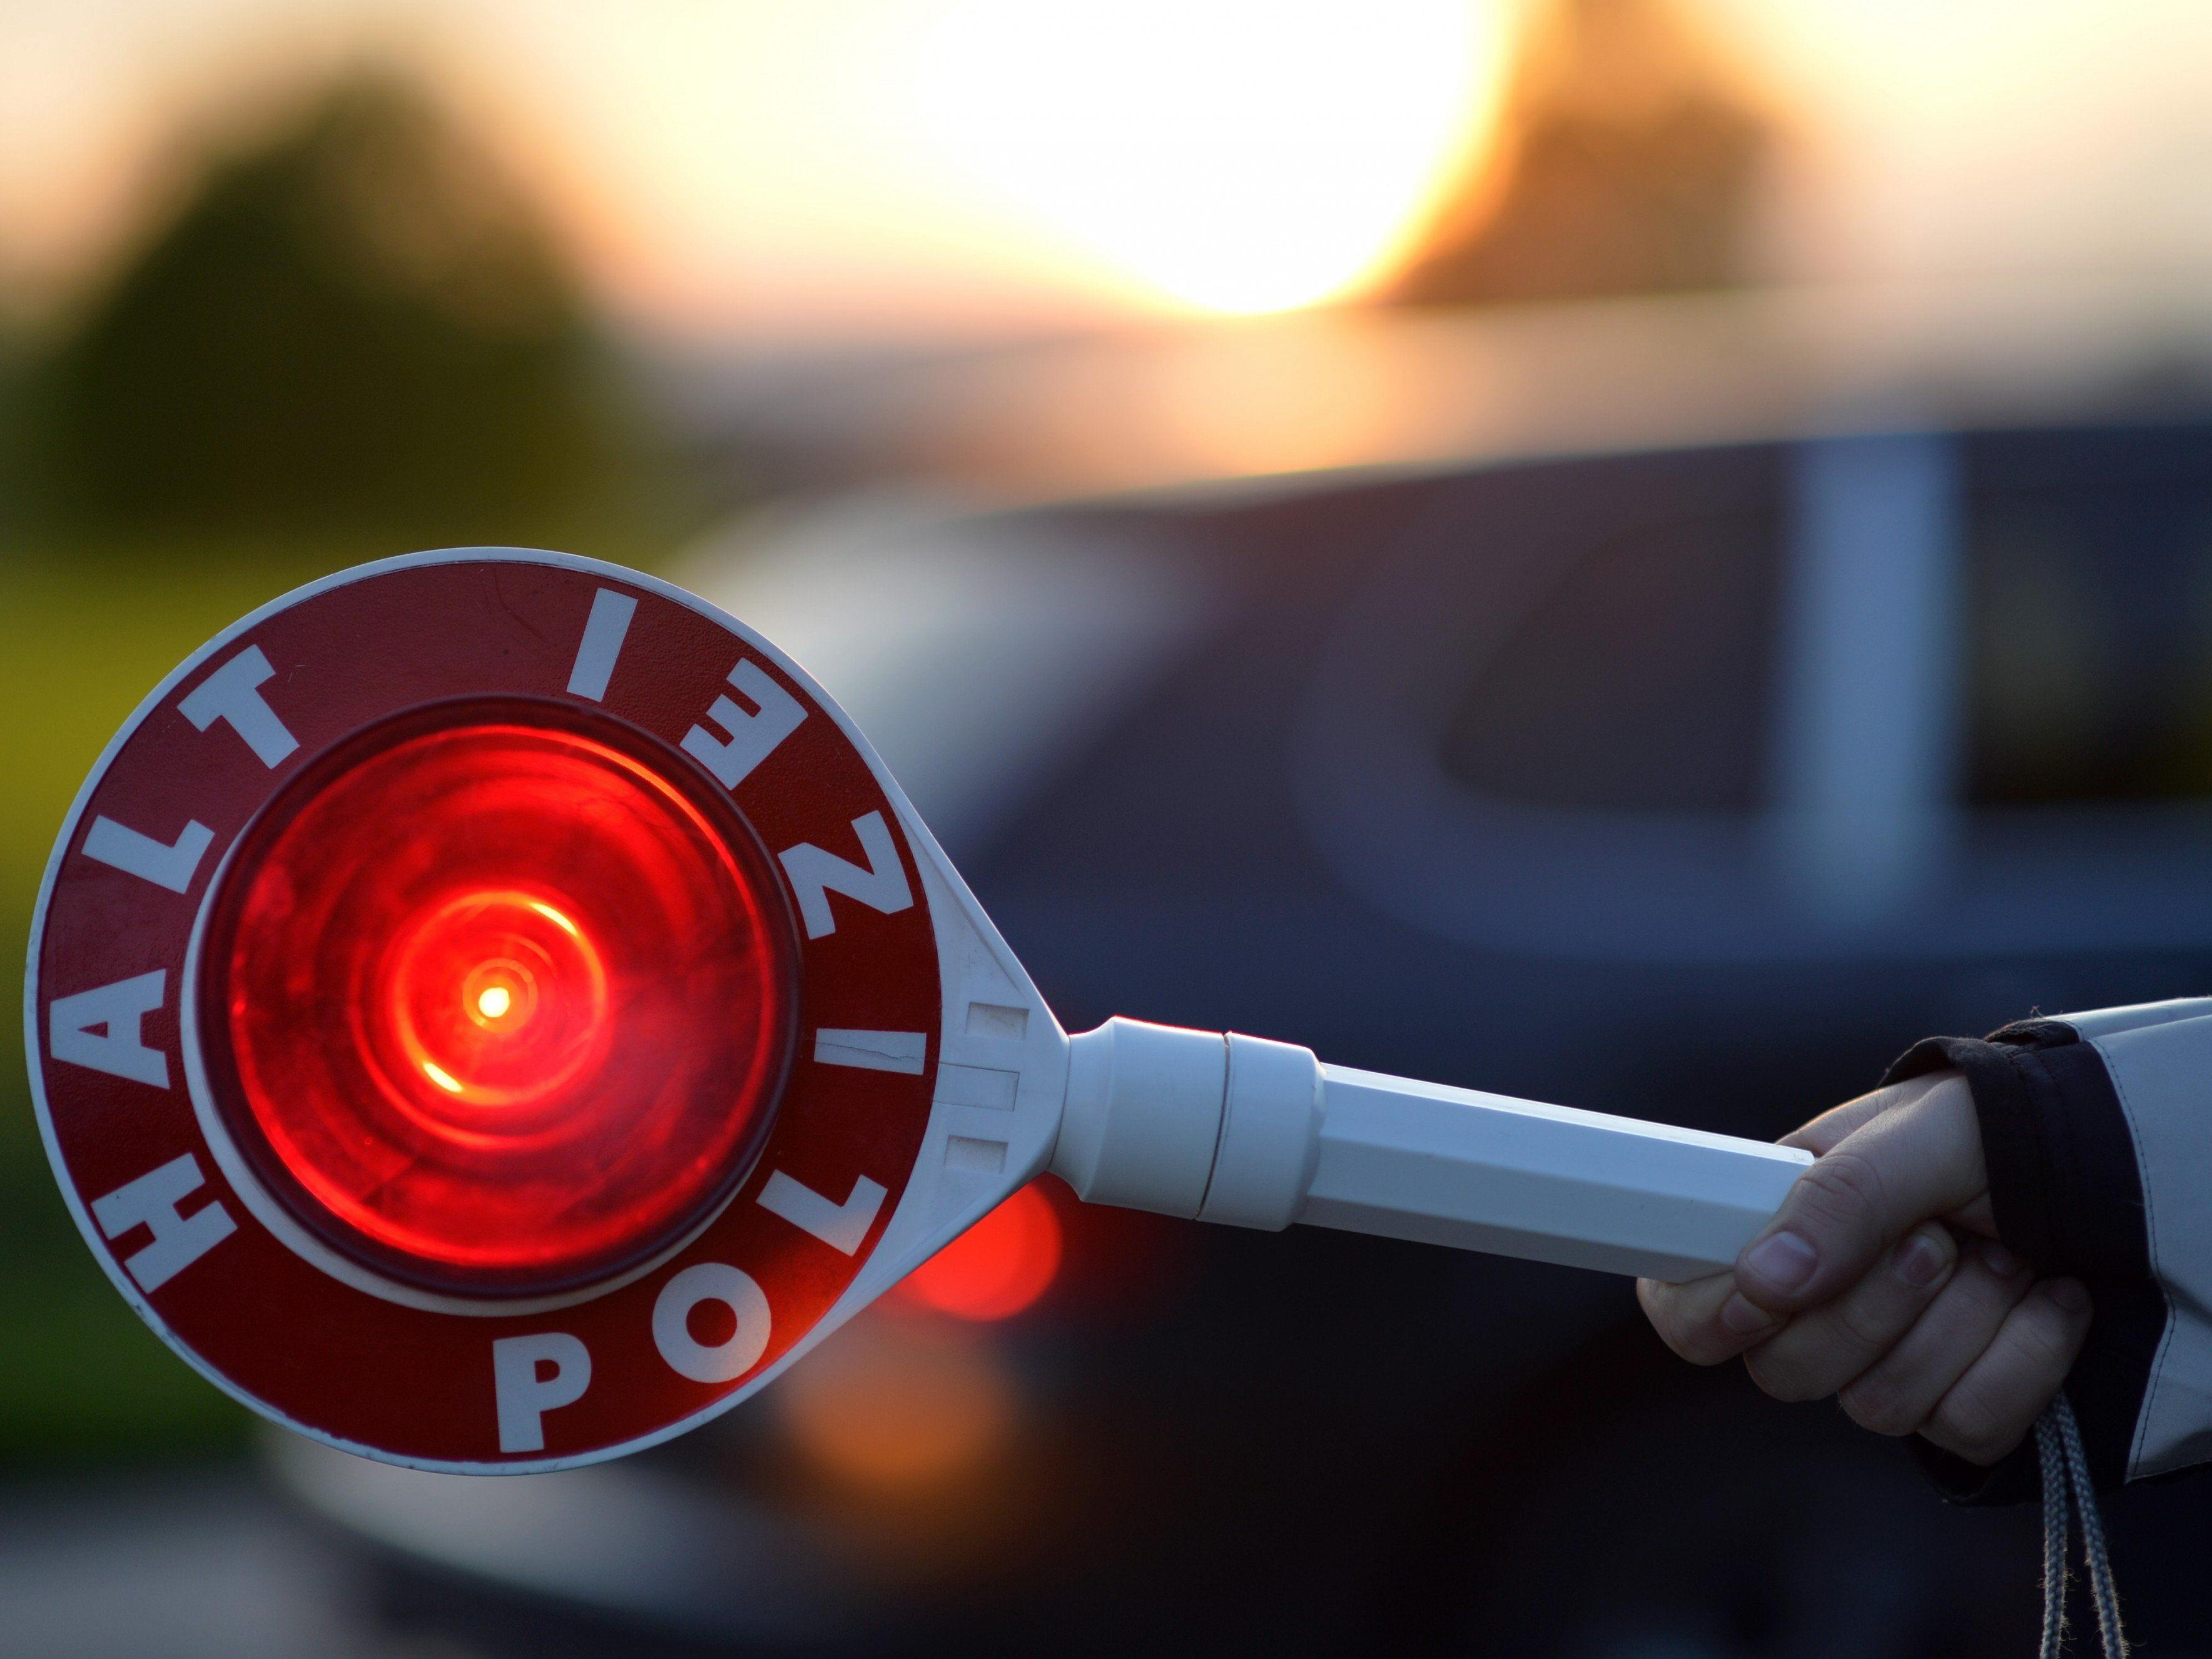 Nach einem Unfall in Wieden flüchtete der Fahrer eines Audi A8